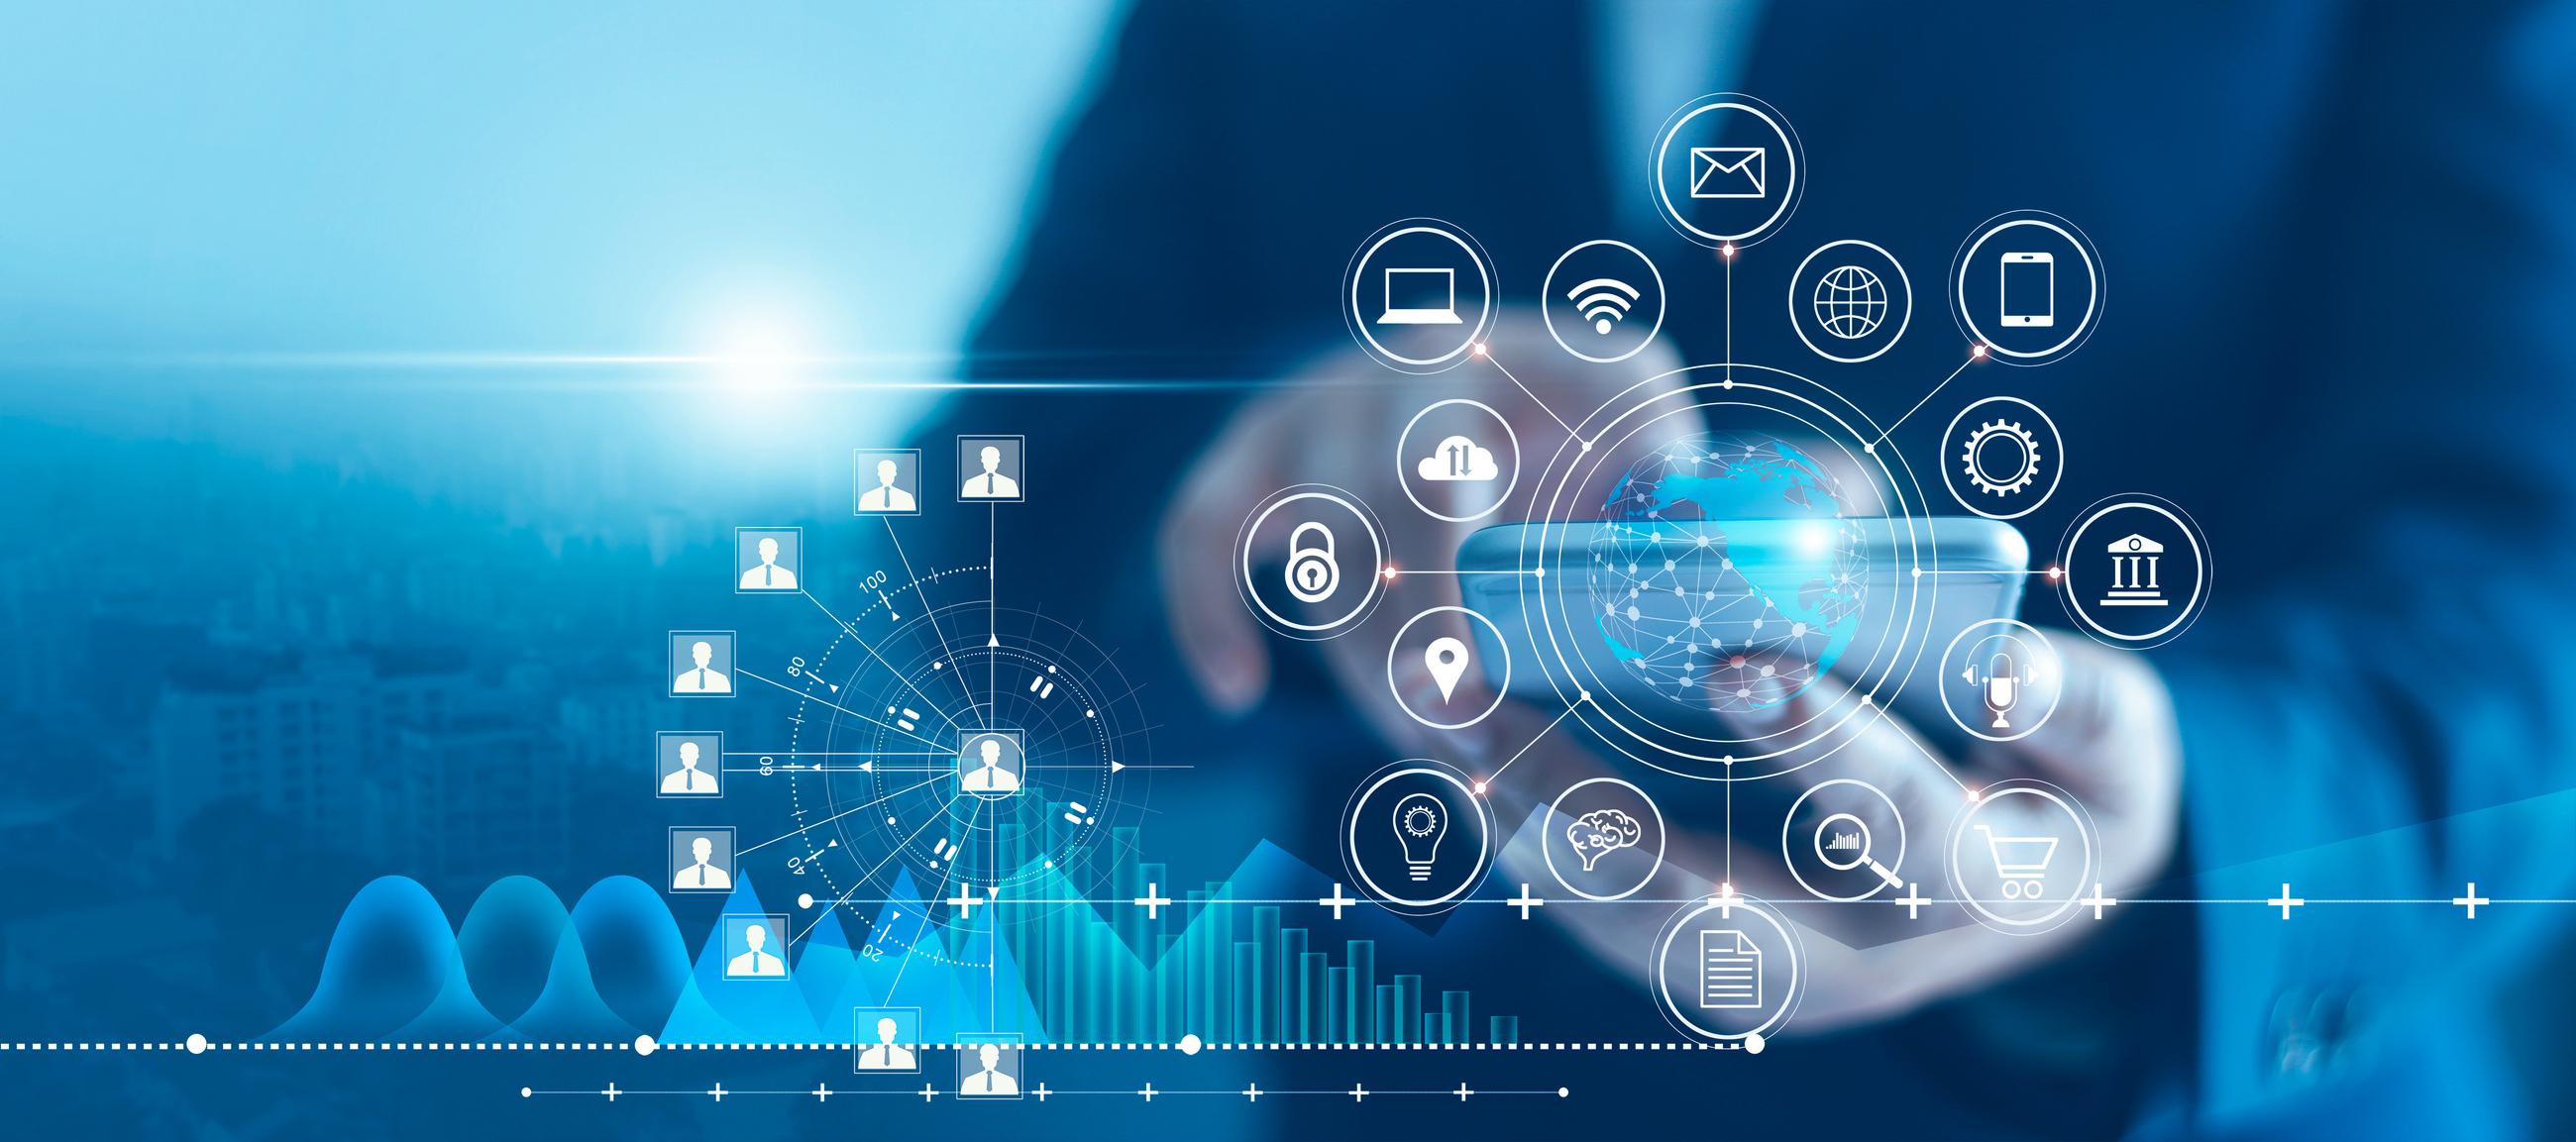 Mobilitatea securizată este noul nume al afacerilor inteligente